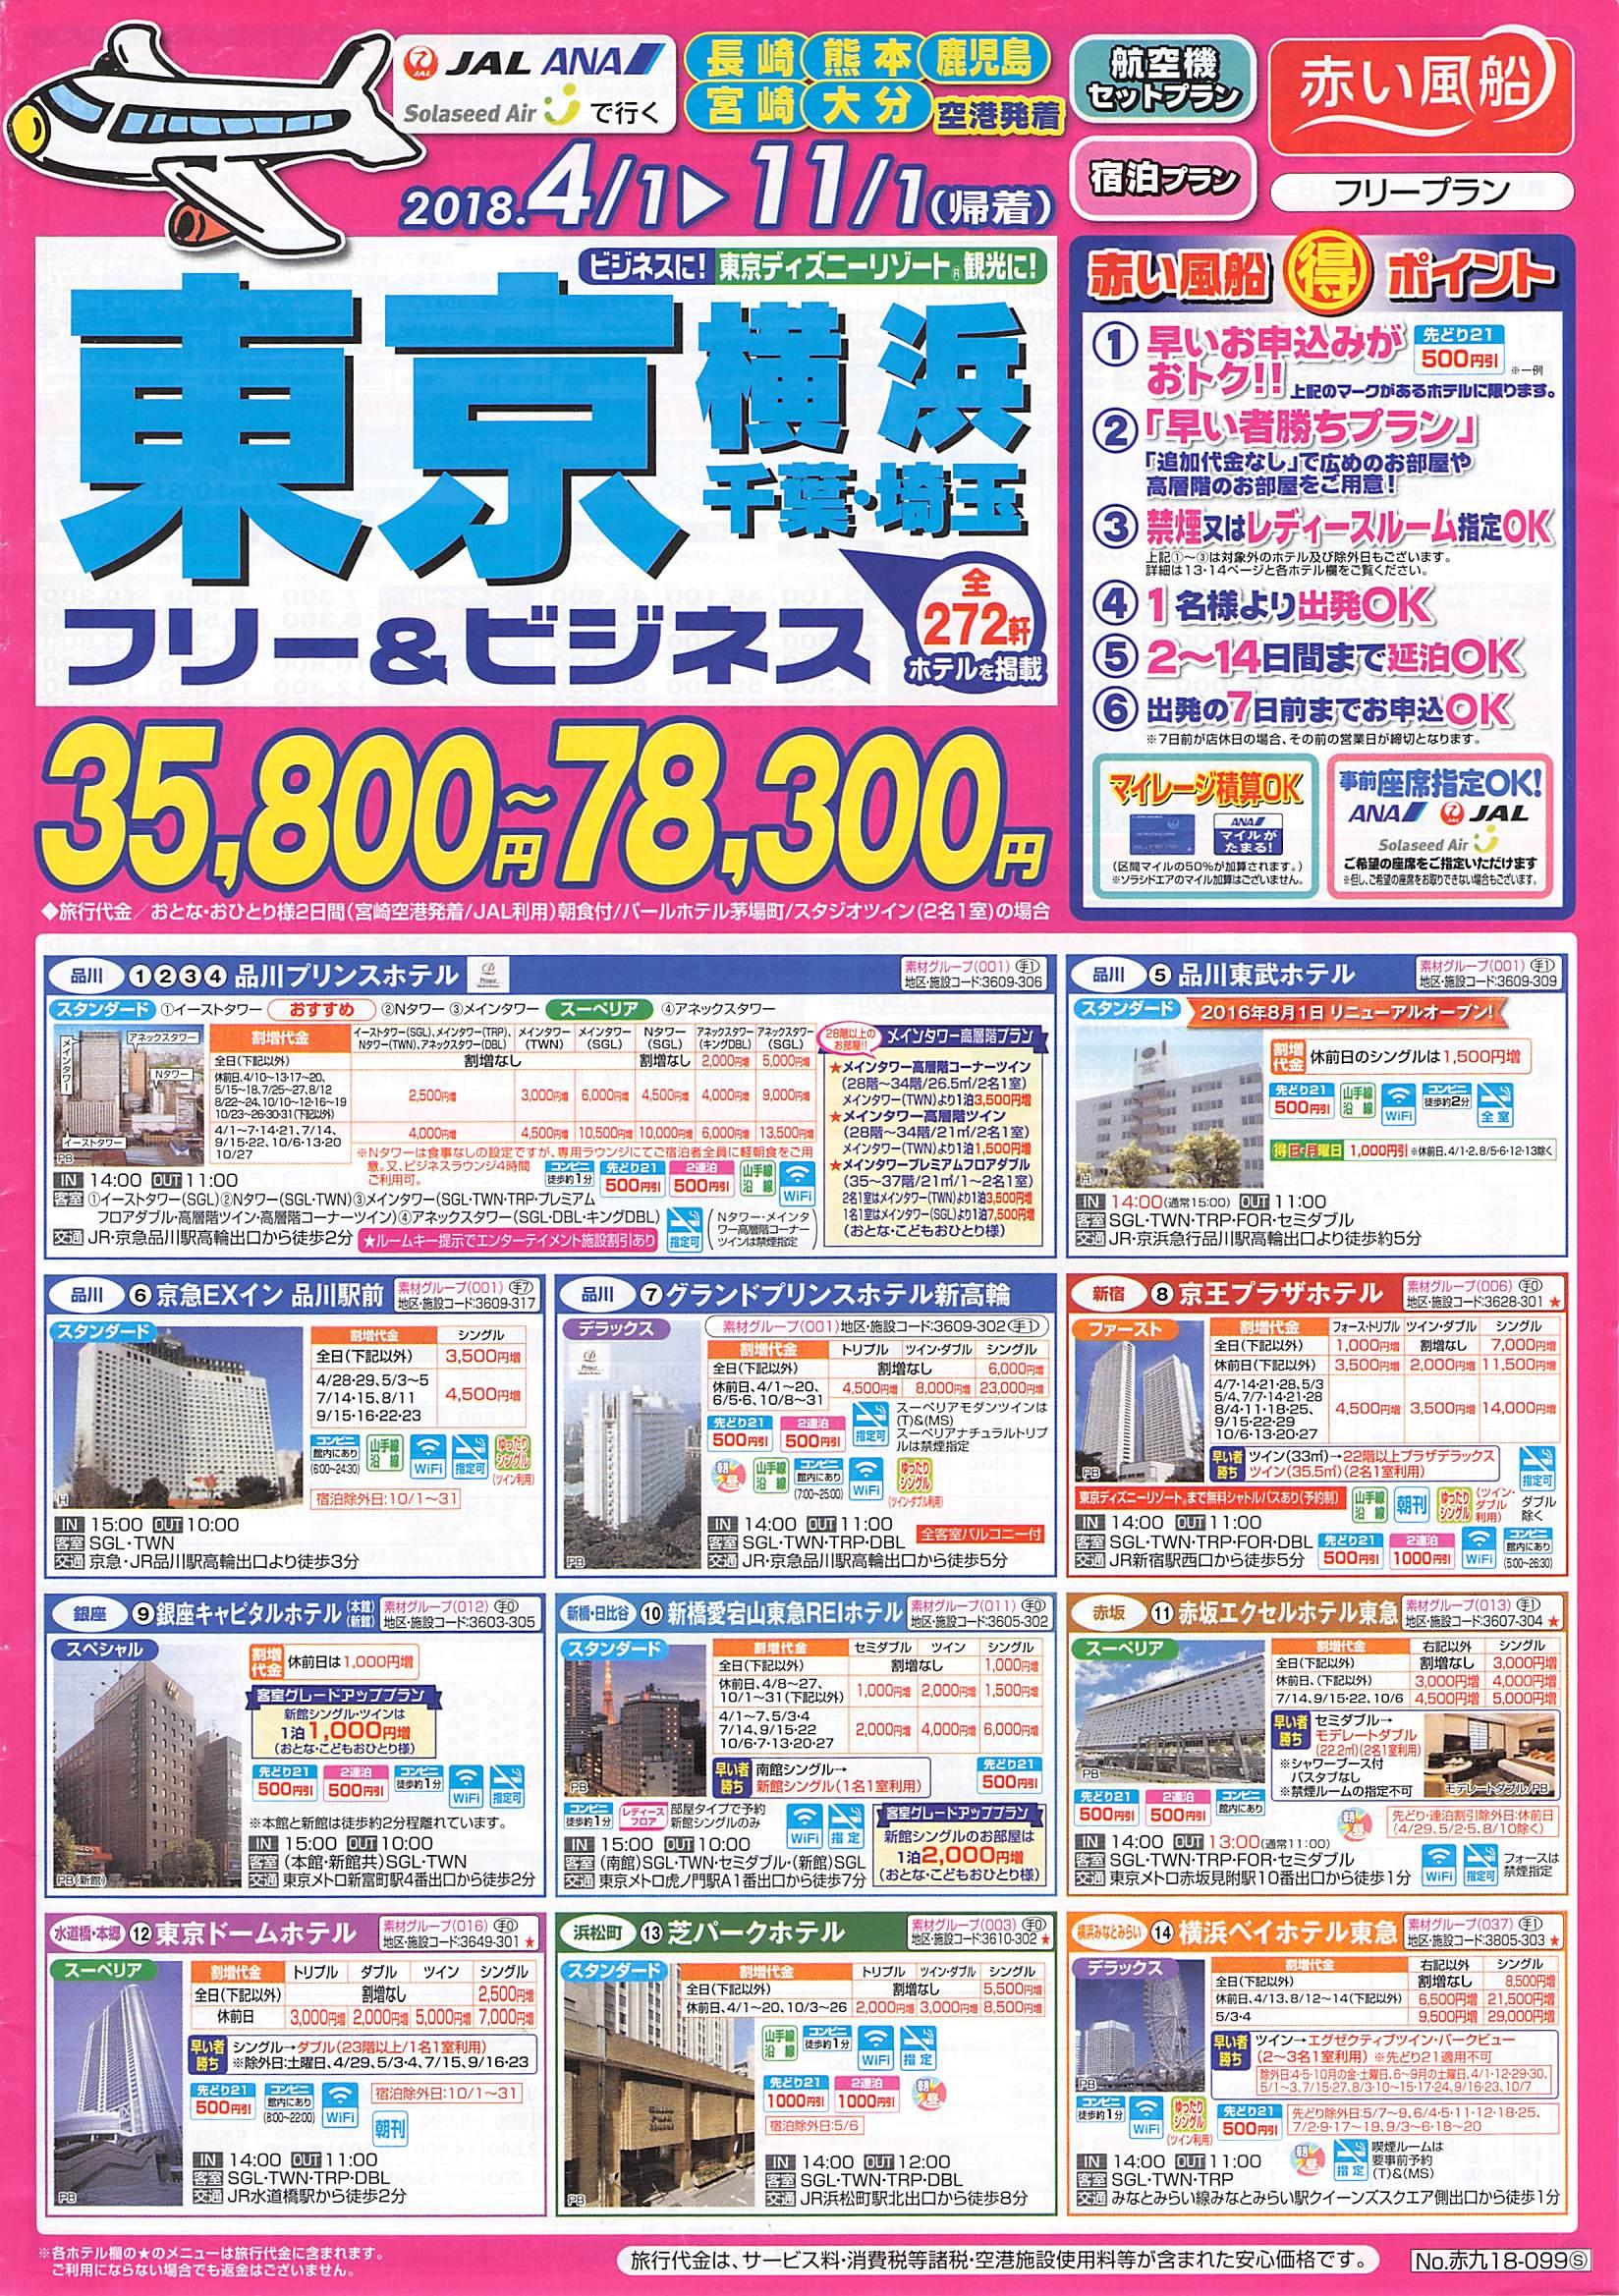 ツアー登録 | ページ 3 / 3 | 福岡県八女郡広川町の貸切バス・観光ツアー